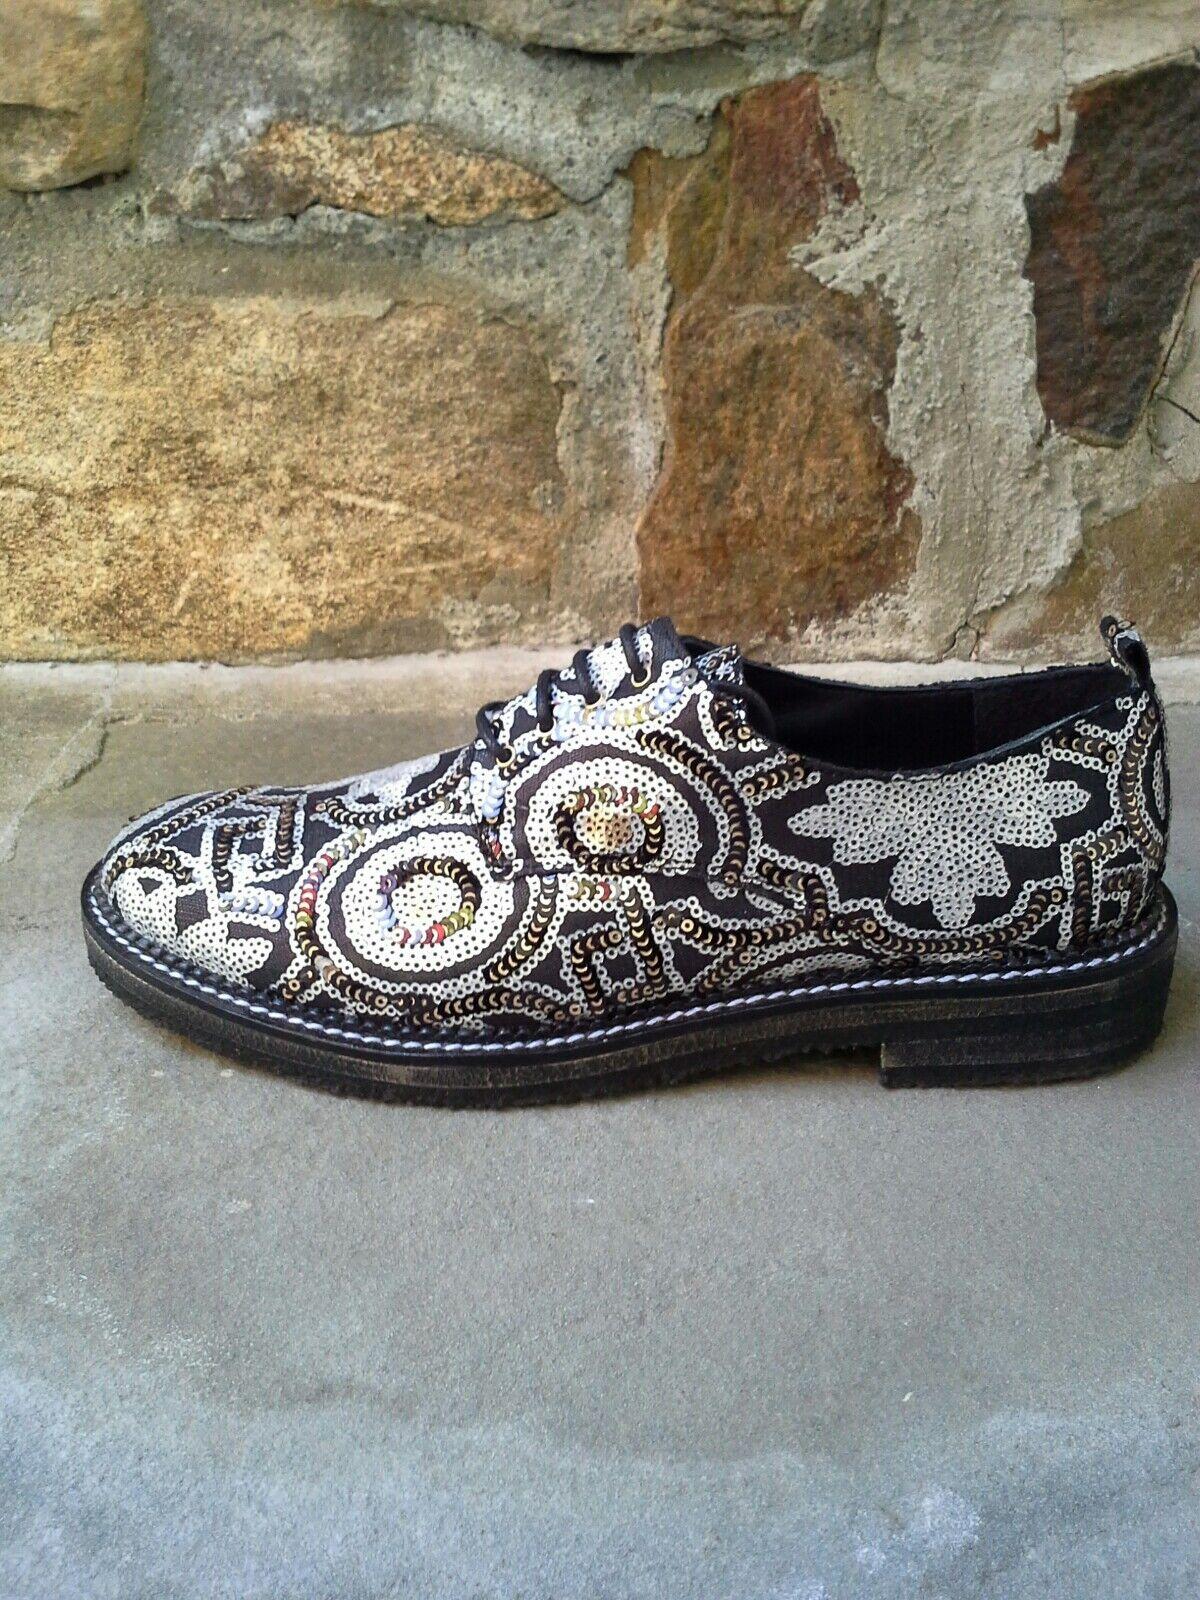 Miista Londres Oxfords Adornado Lentejuelas Negro Con Cordones Cordones Cordones Calzado Cómodo Talla 40  salida para la venta